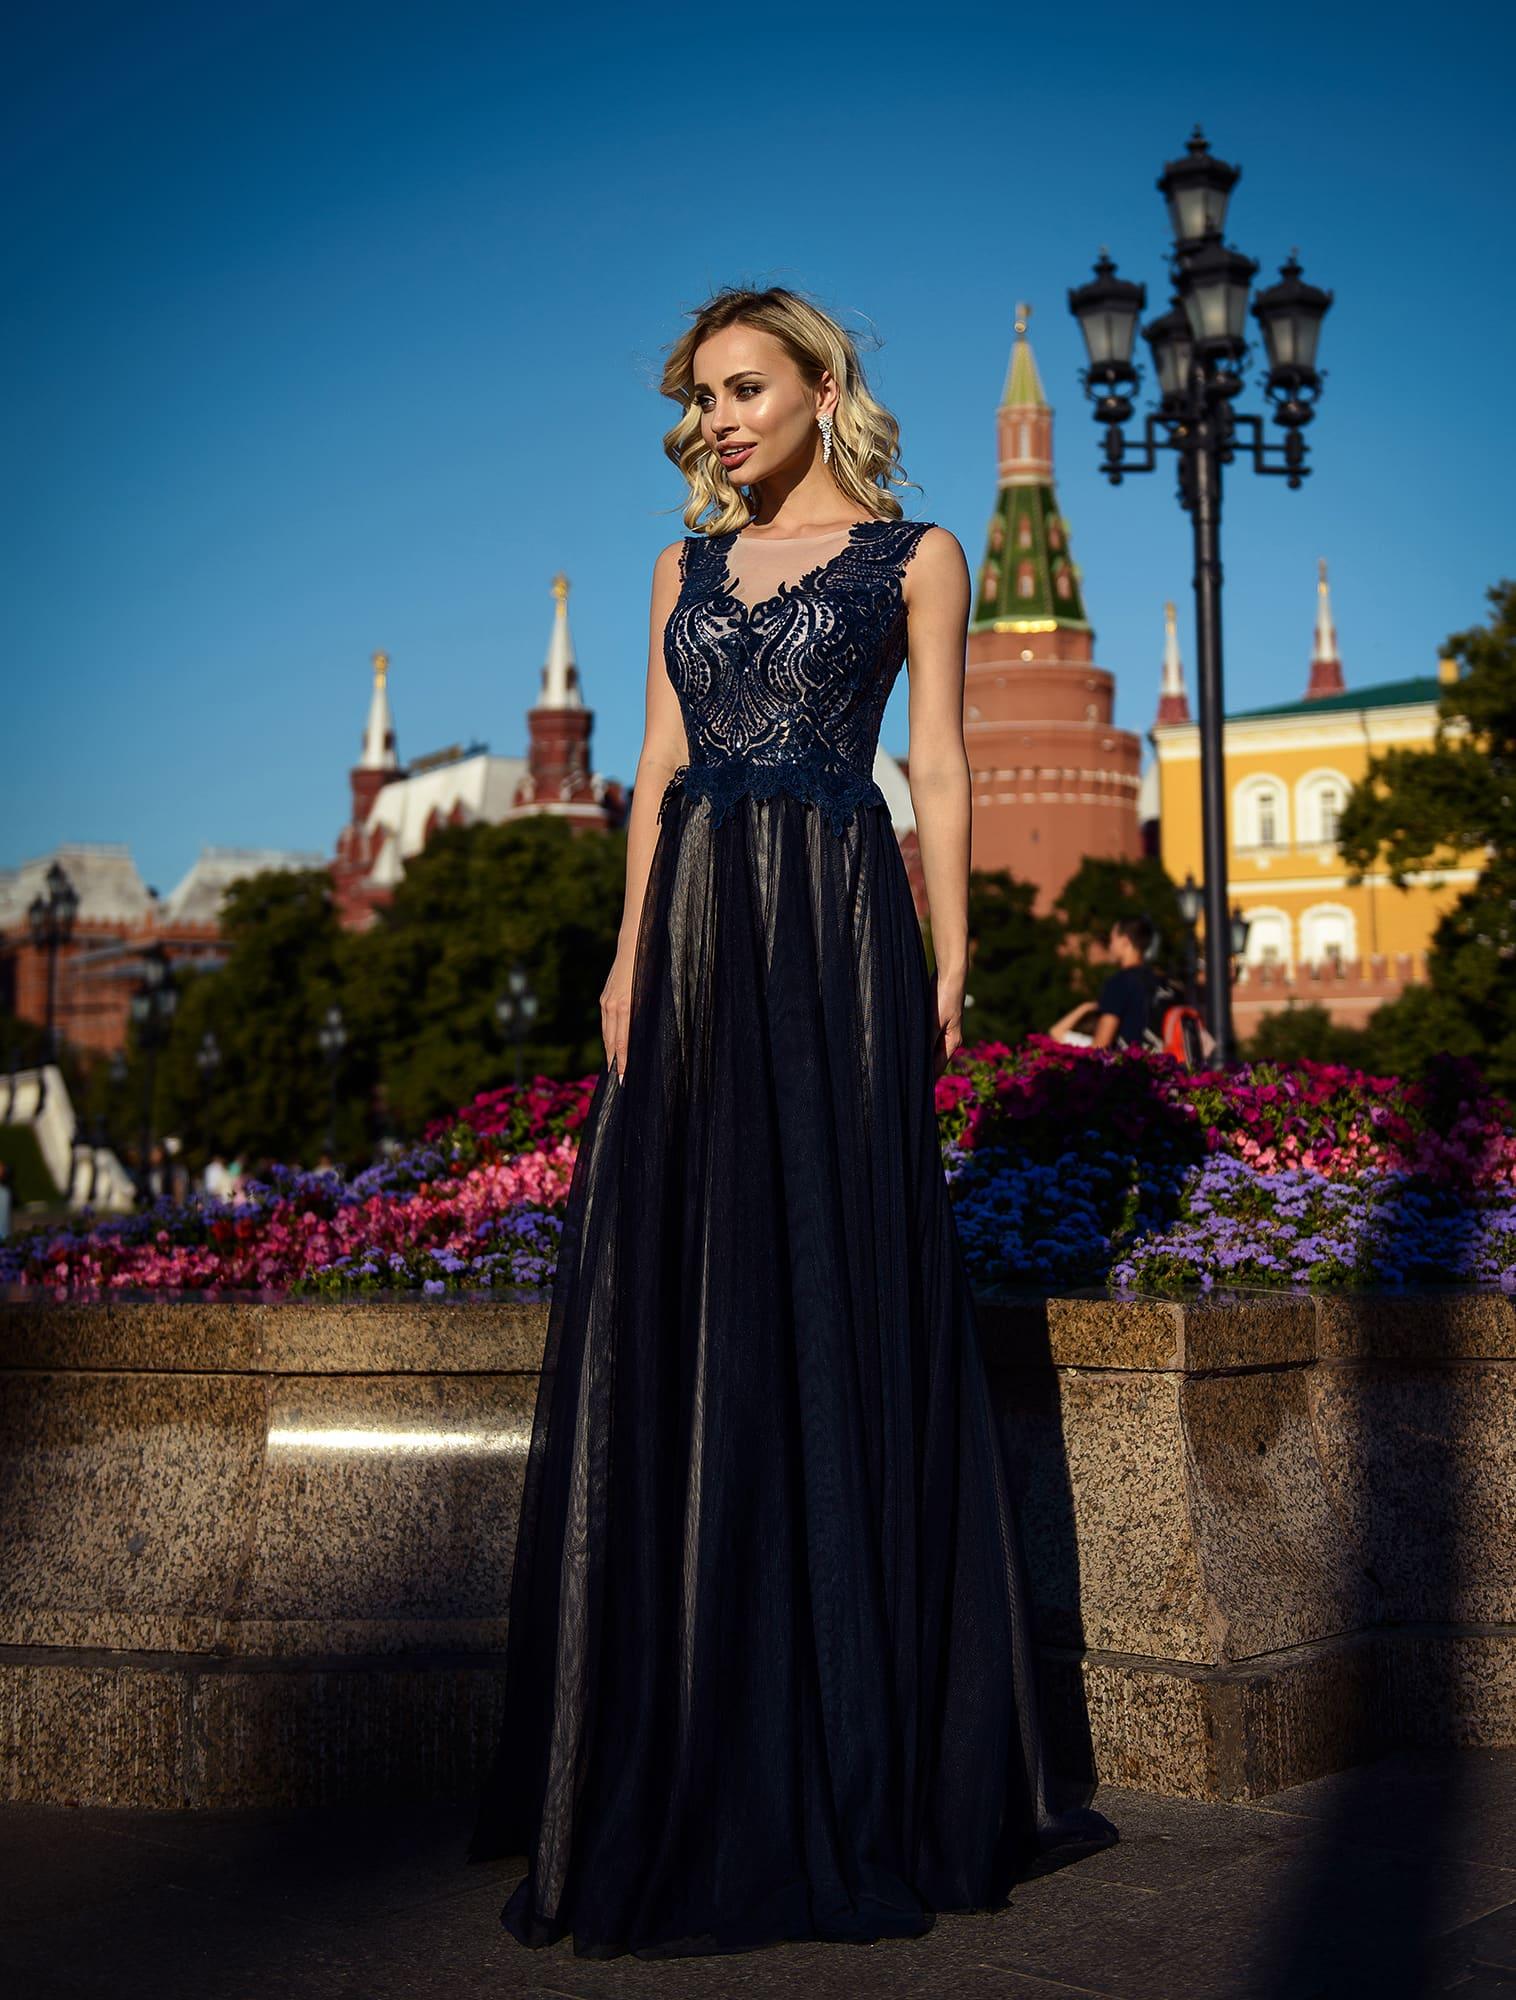 8e83800efe5 Темно-синее платье в пол Prestige VV085 ▷ Свадебный Торговый Центр Вега в  Москве